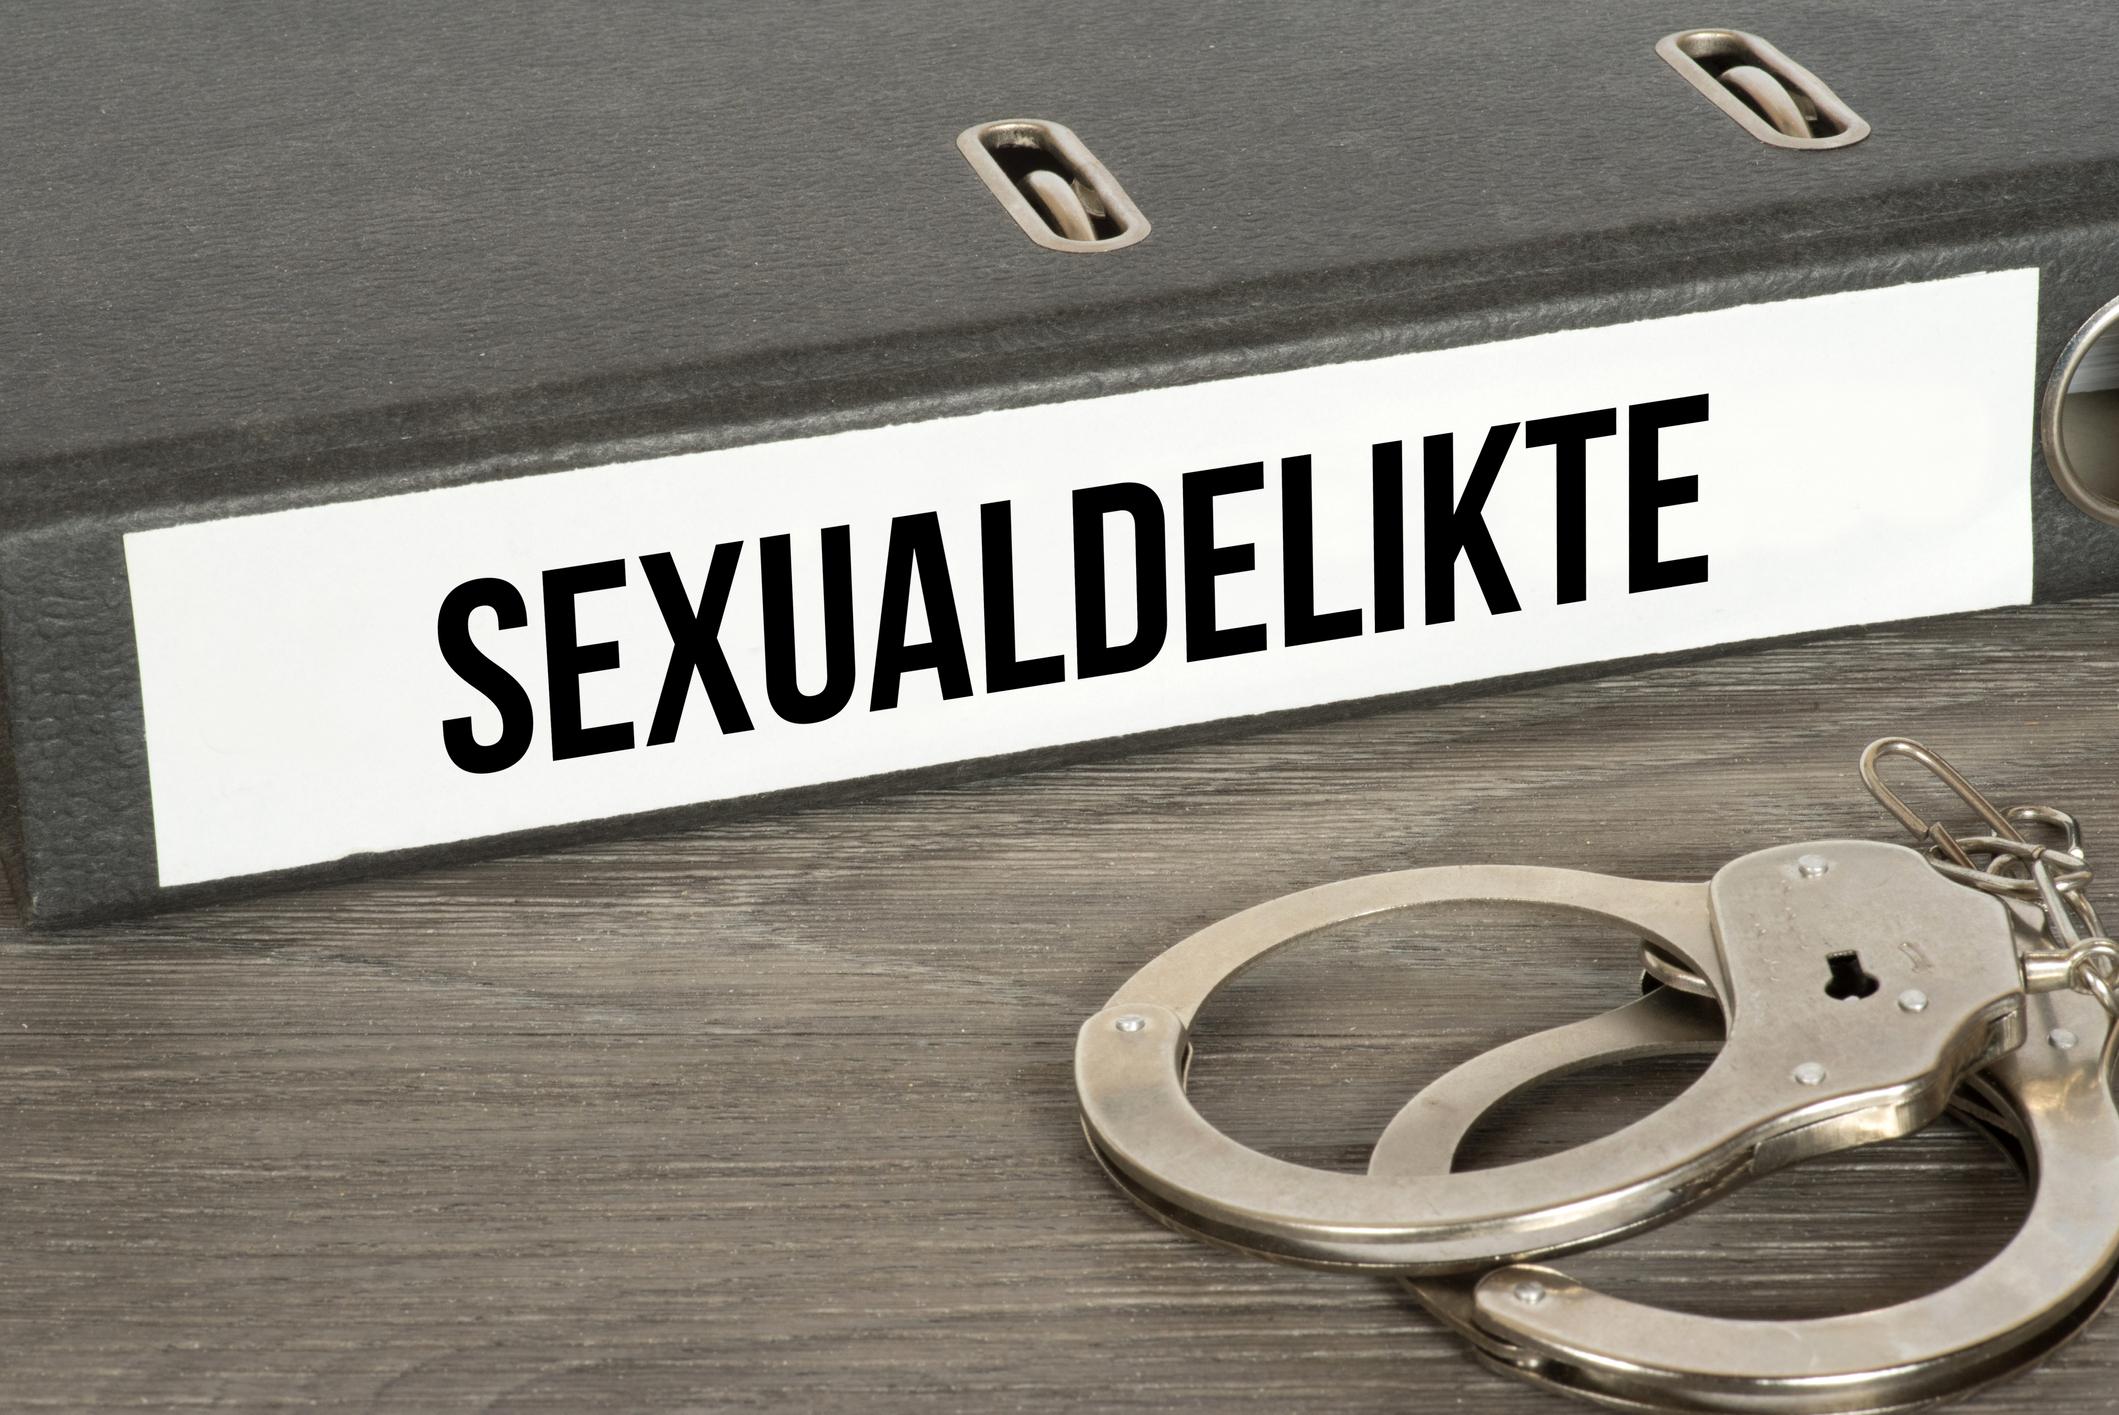 19 weitere Beschuldigte in Missbrauchskomplex Münster ermittelt